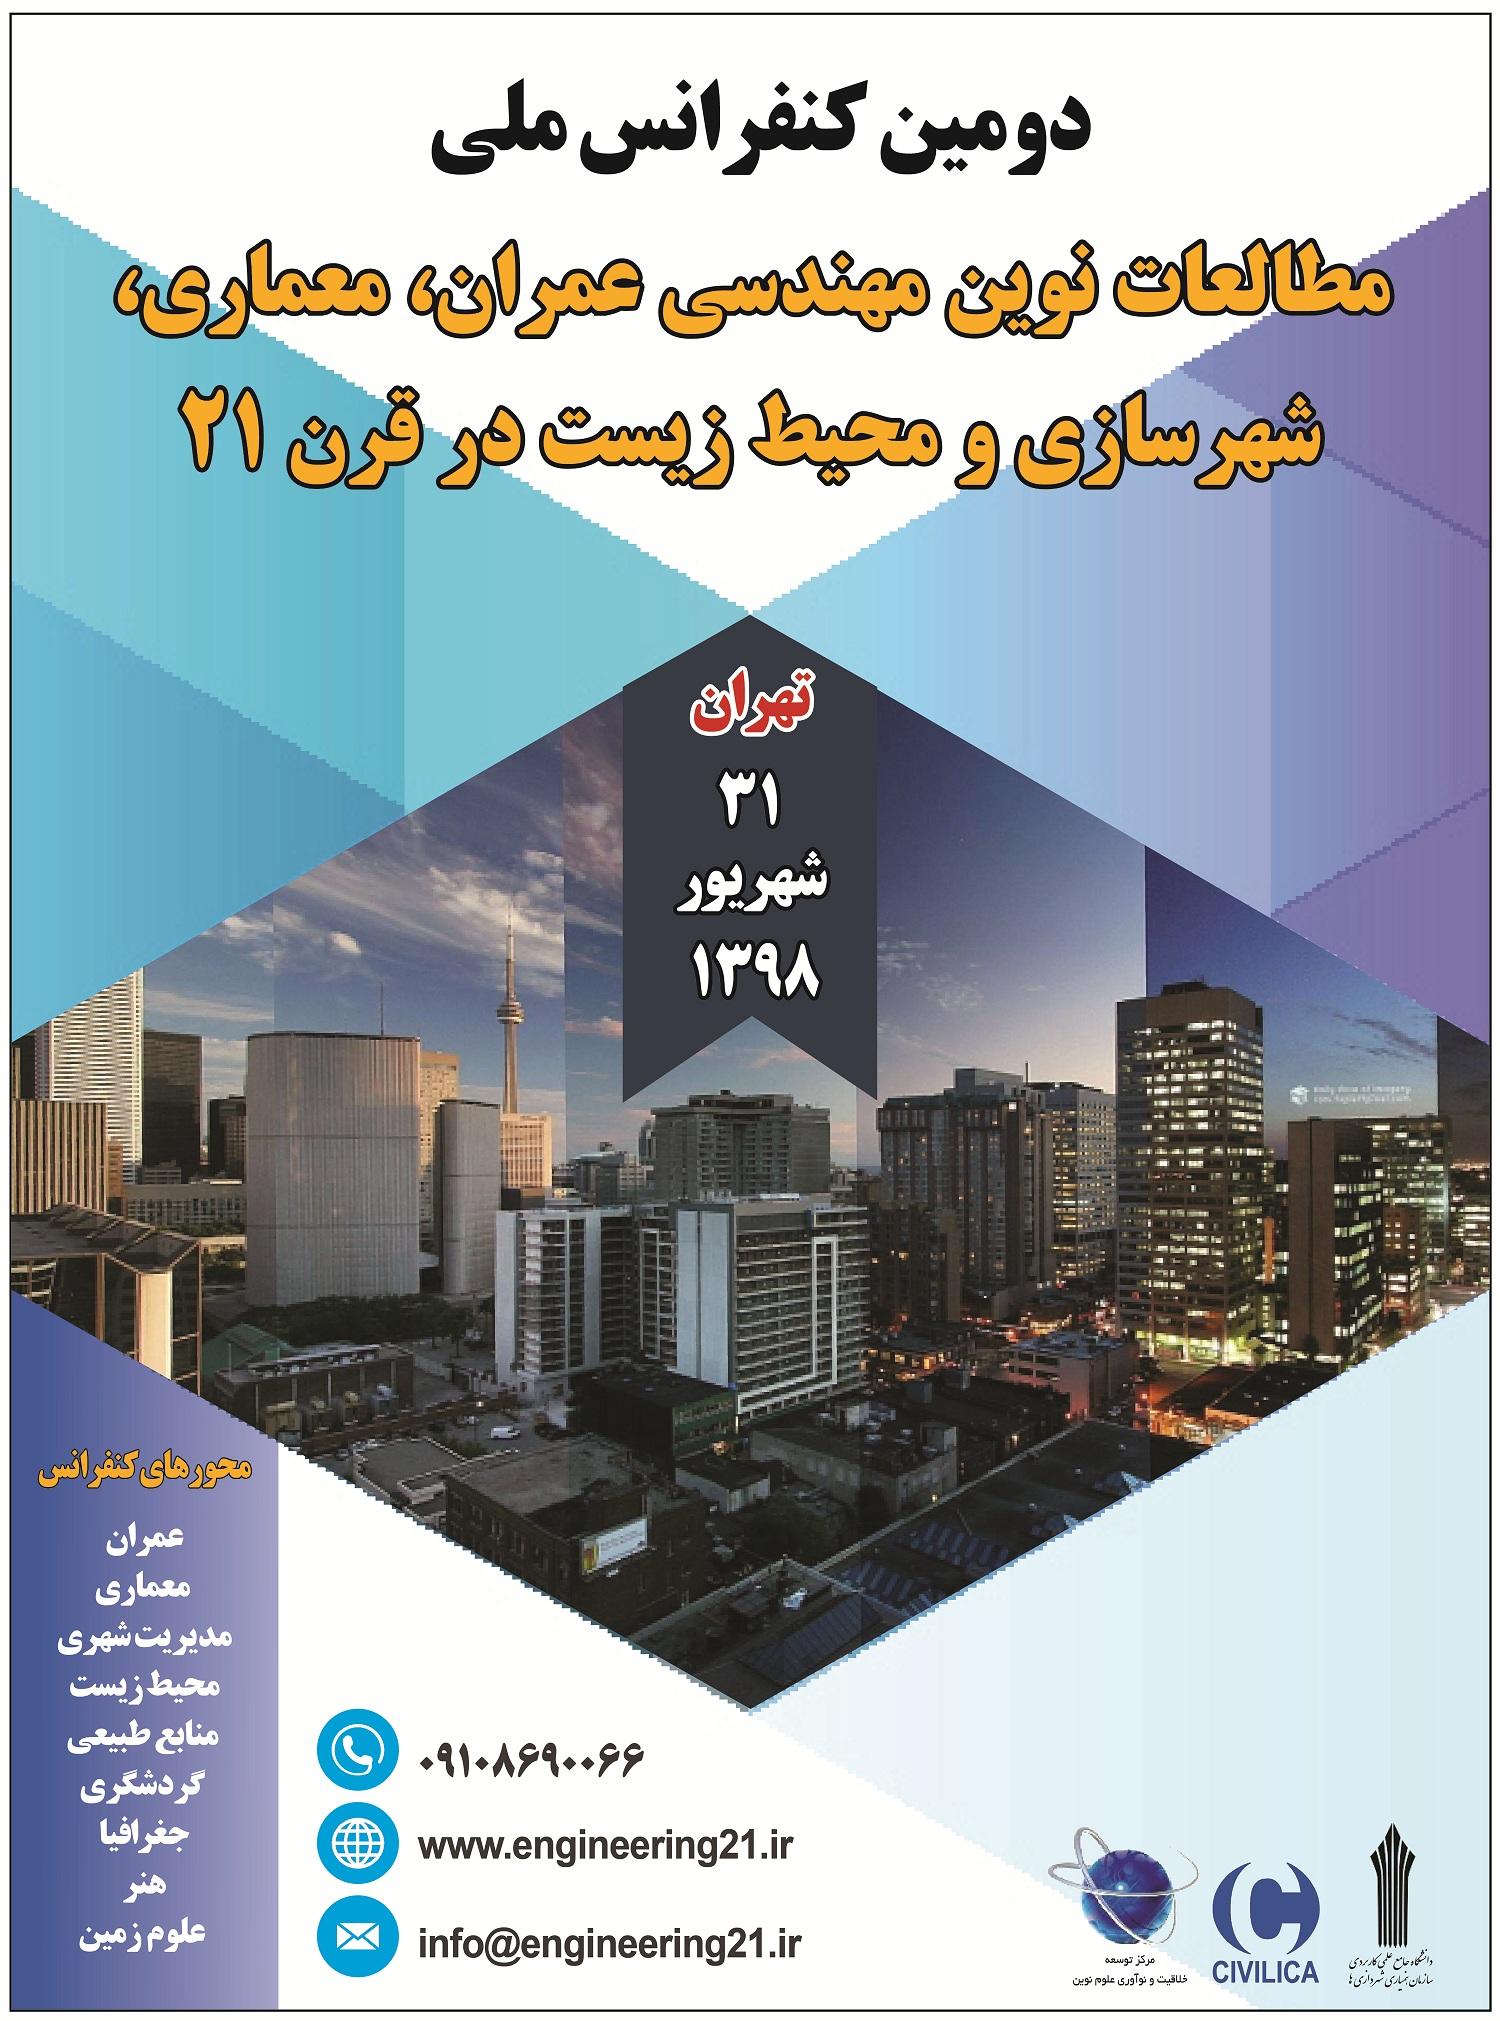 دومین کنفرانس ملی مطالعات نوین مهندسی عمران، معماری، شهرسازی و محیط زیست در قرن 21